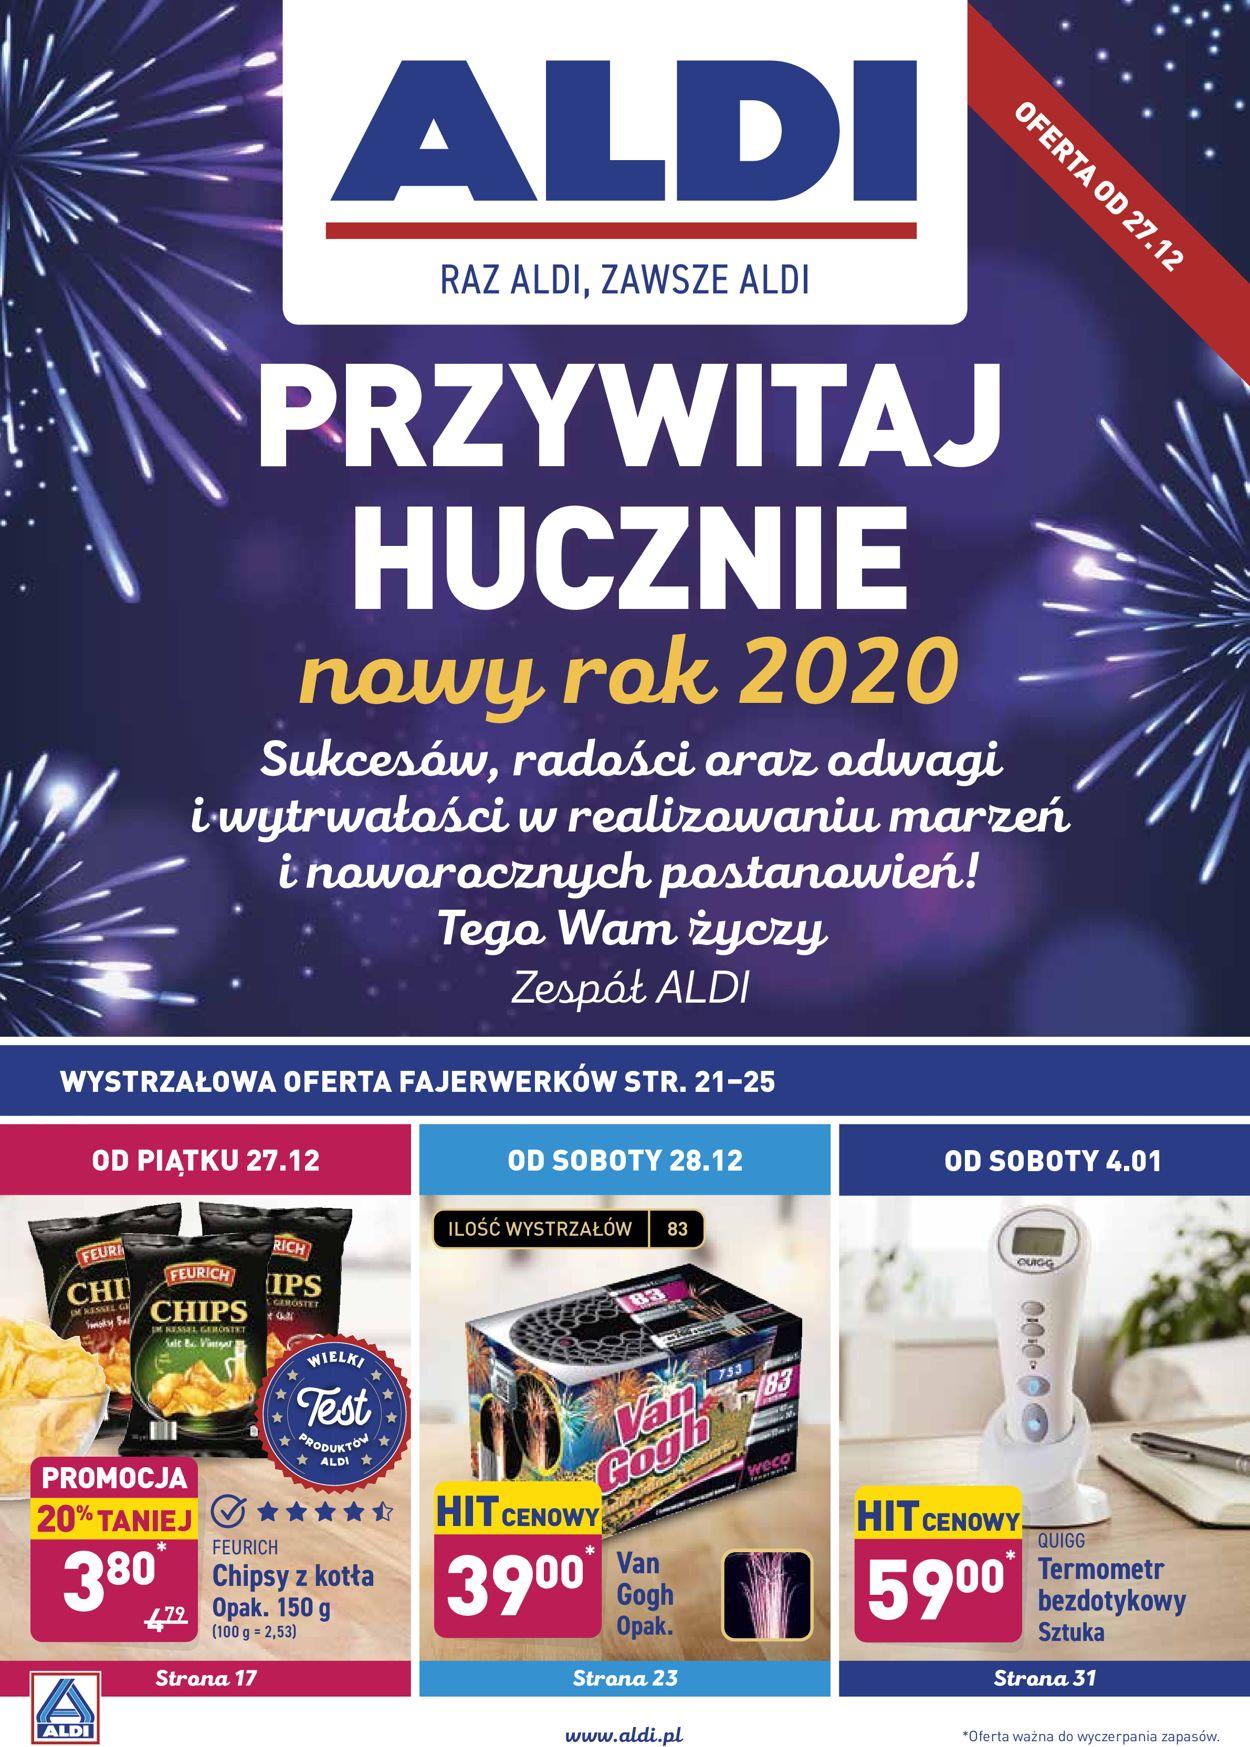 Gazetka promocyjna ALDI - Gazetka Sylwestrowa 2019/2020 - 27.12-07.01.2020